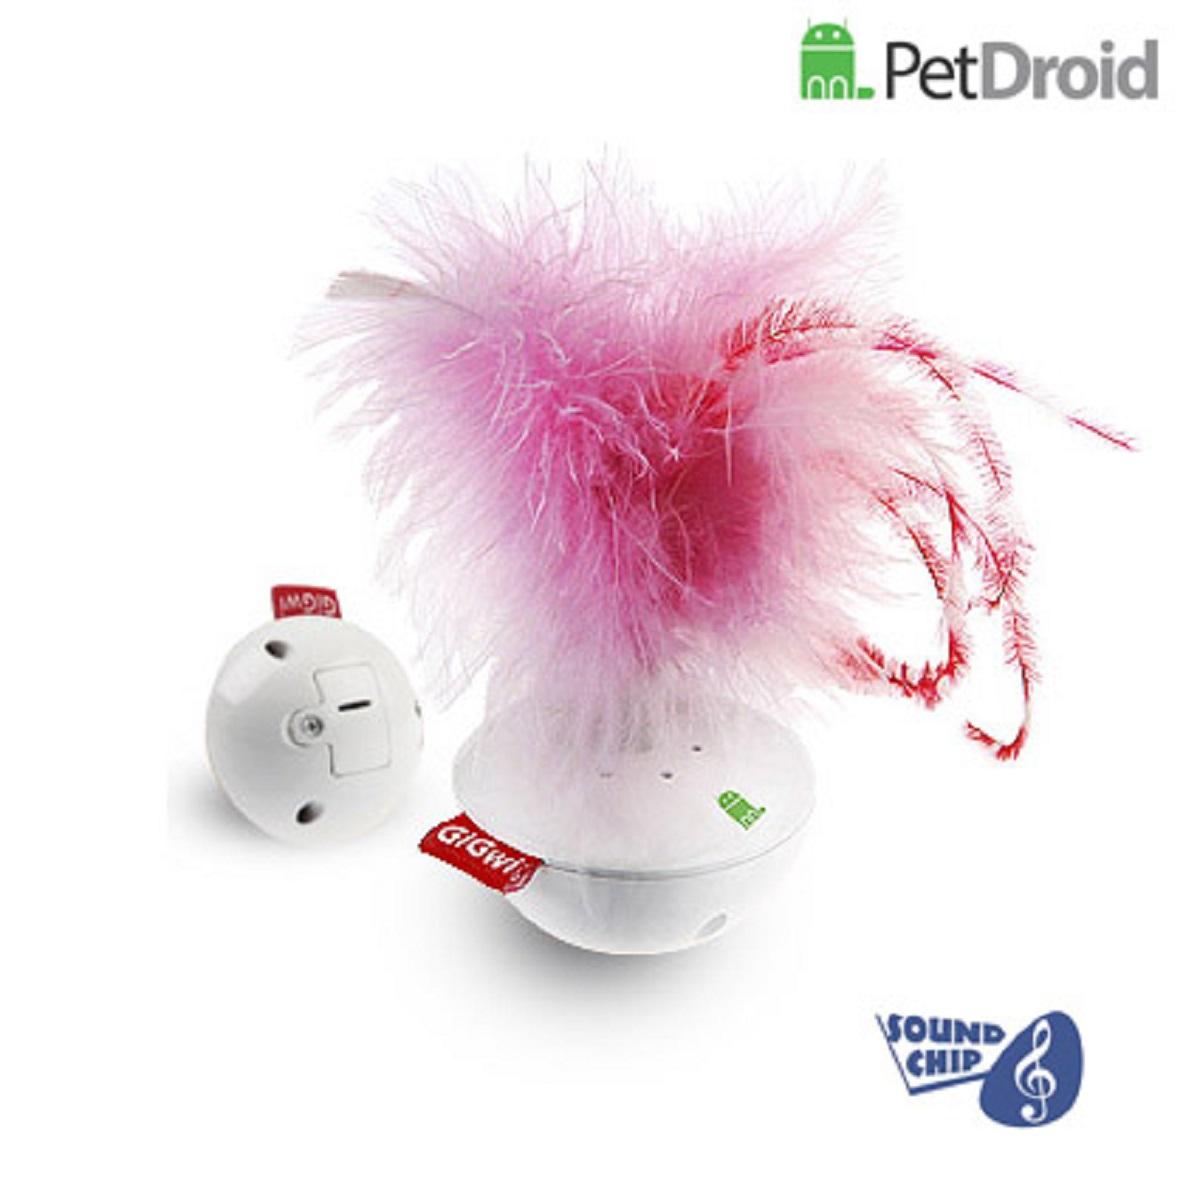 Электронная игрушка для кошек GiGwi Pet Droid Фезер Воблер75315Интерактивная игрушка-неваляшка с звуковым чипом для кошек. При касании лапами игрушка издает звуки похожие на чириканье птиц. Размер 14 см.